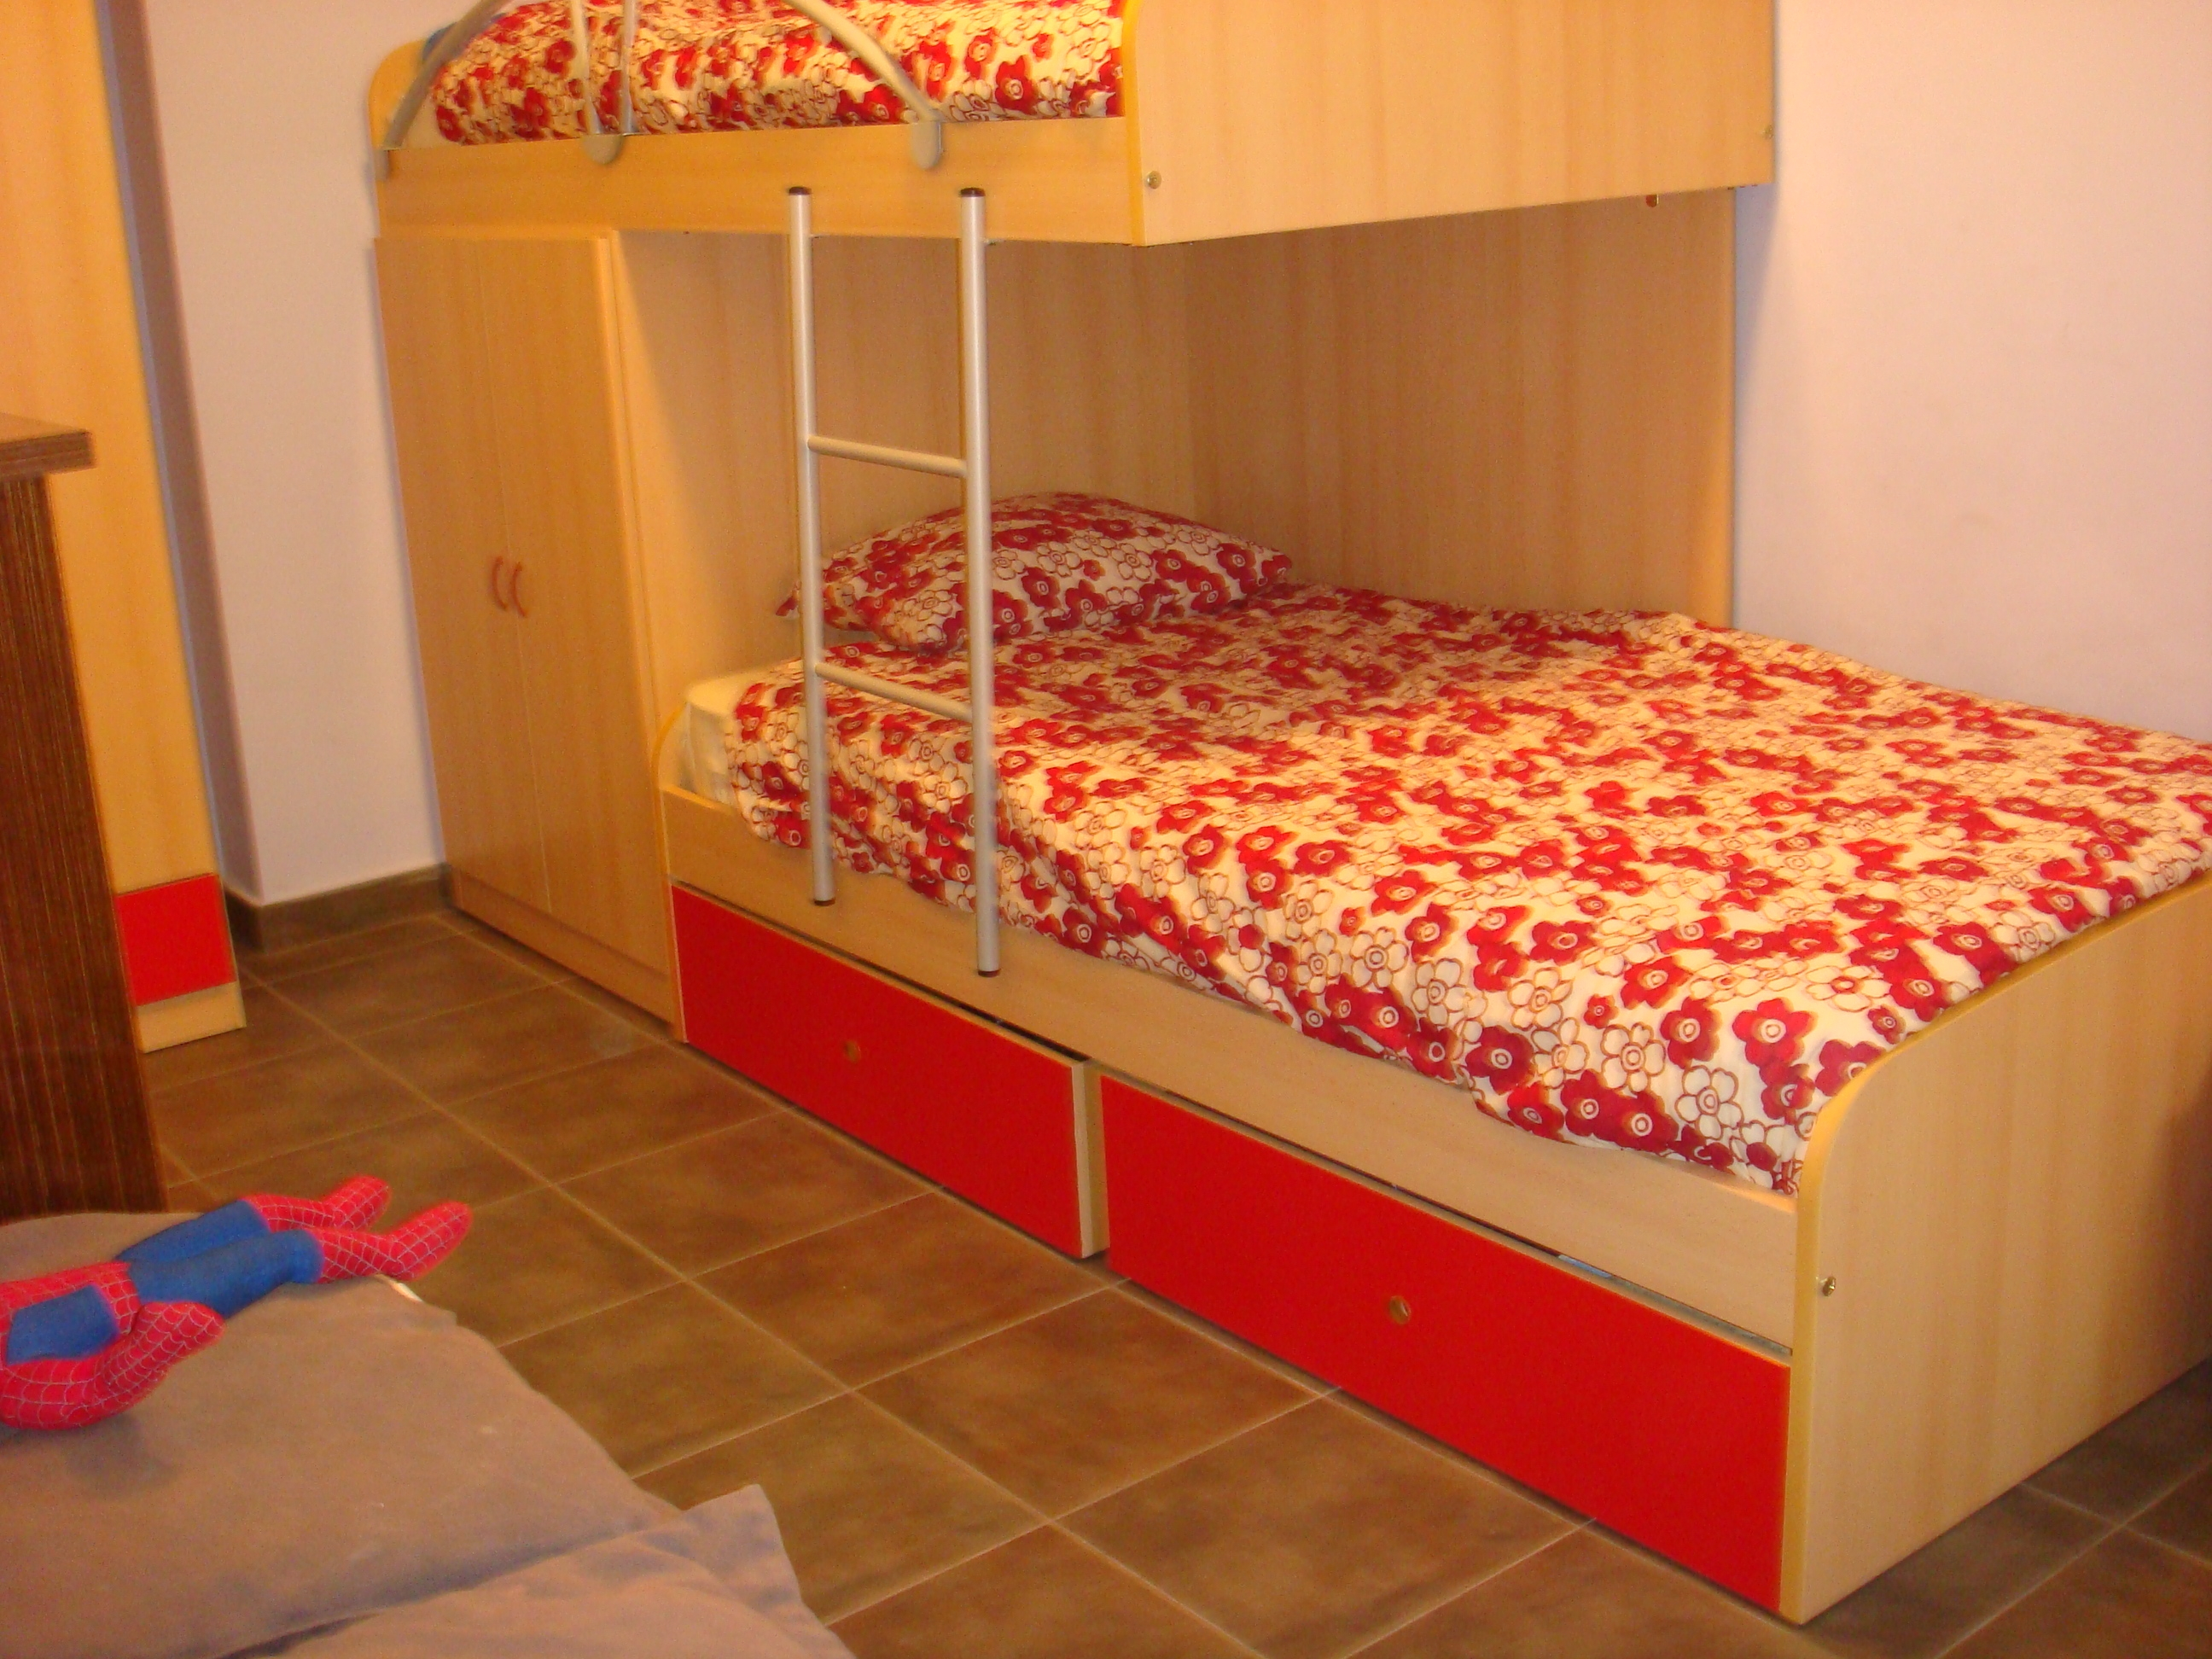 Inmobiliaria gestitur apartamento en zona san antonio san antonio 1225 inmobiliaria - Venta apartamentos playa cullera ...